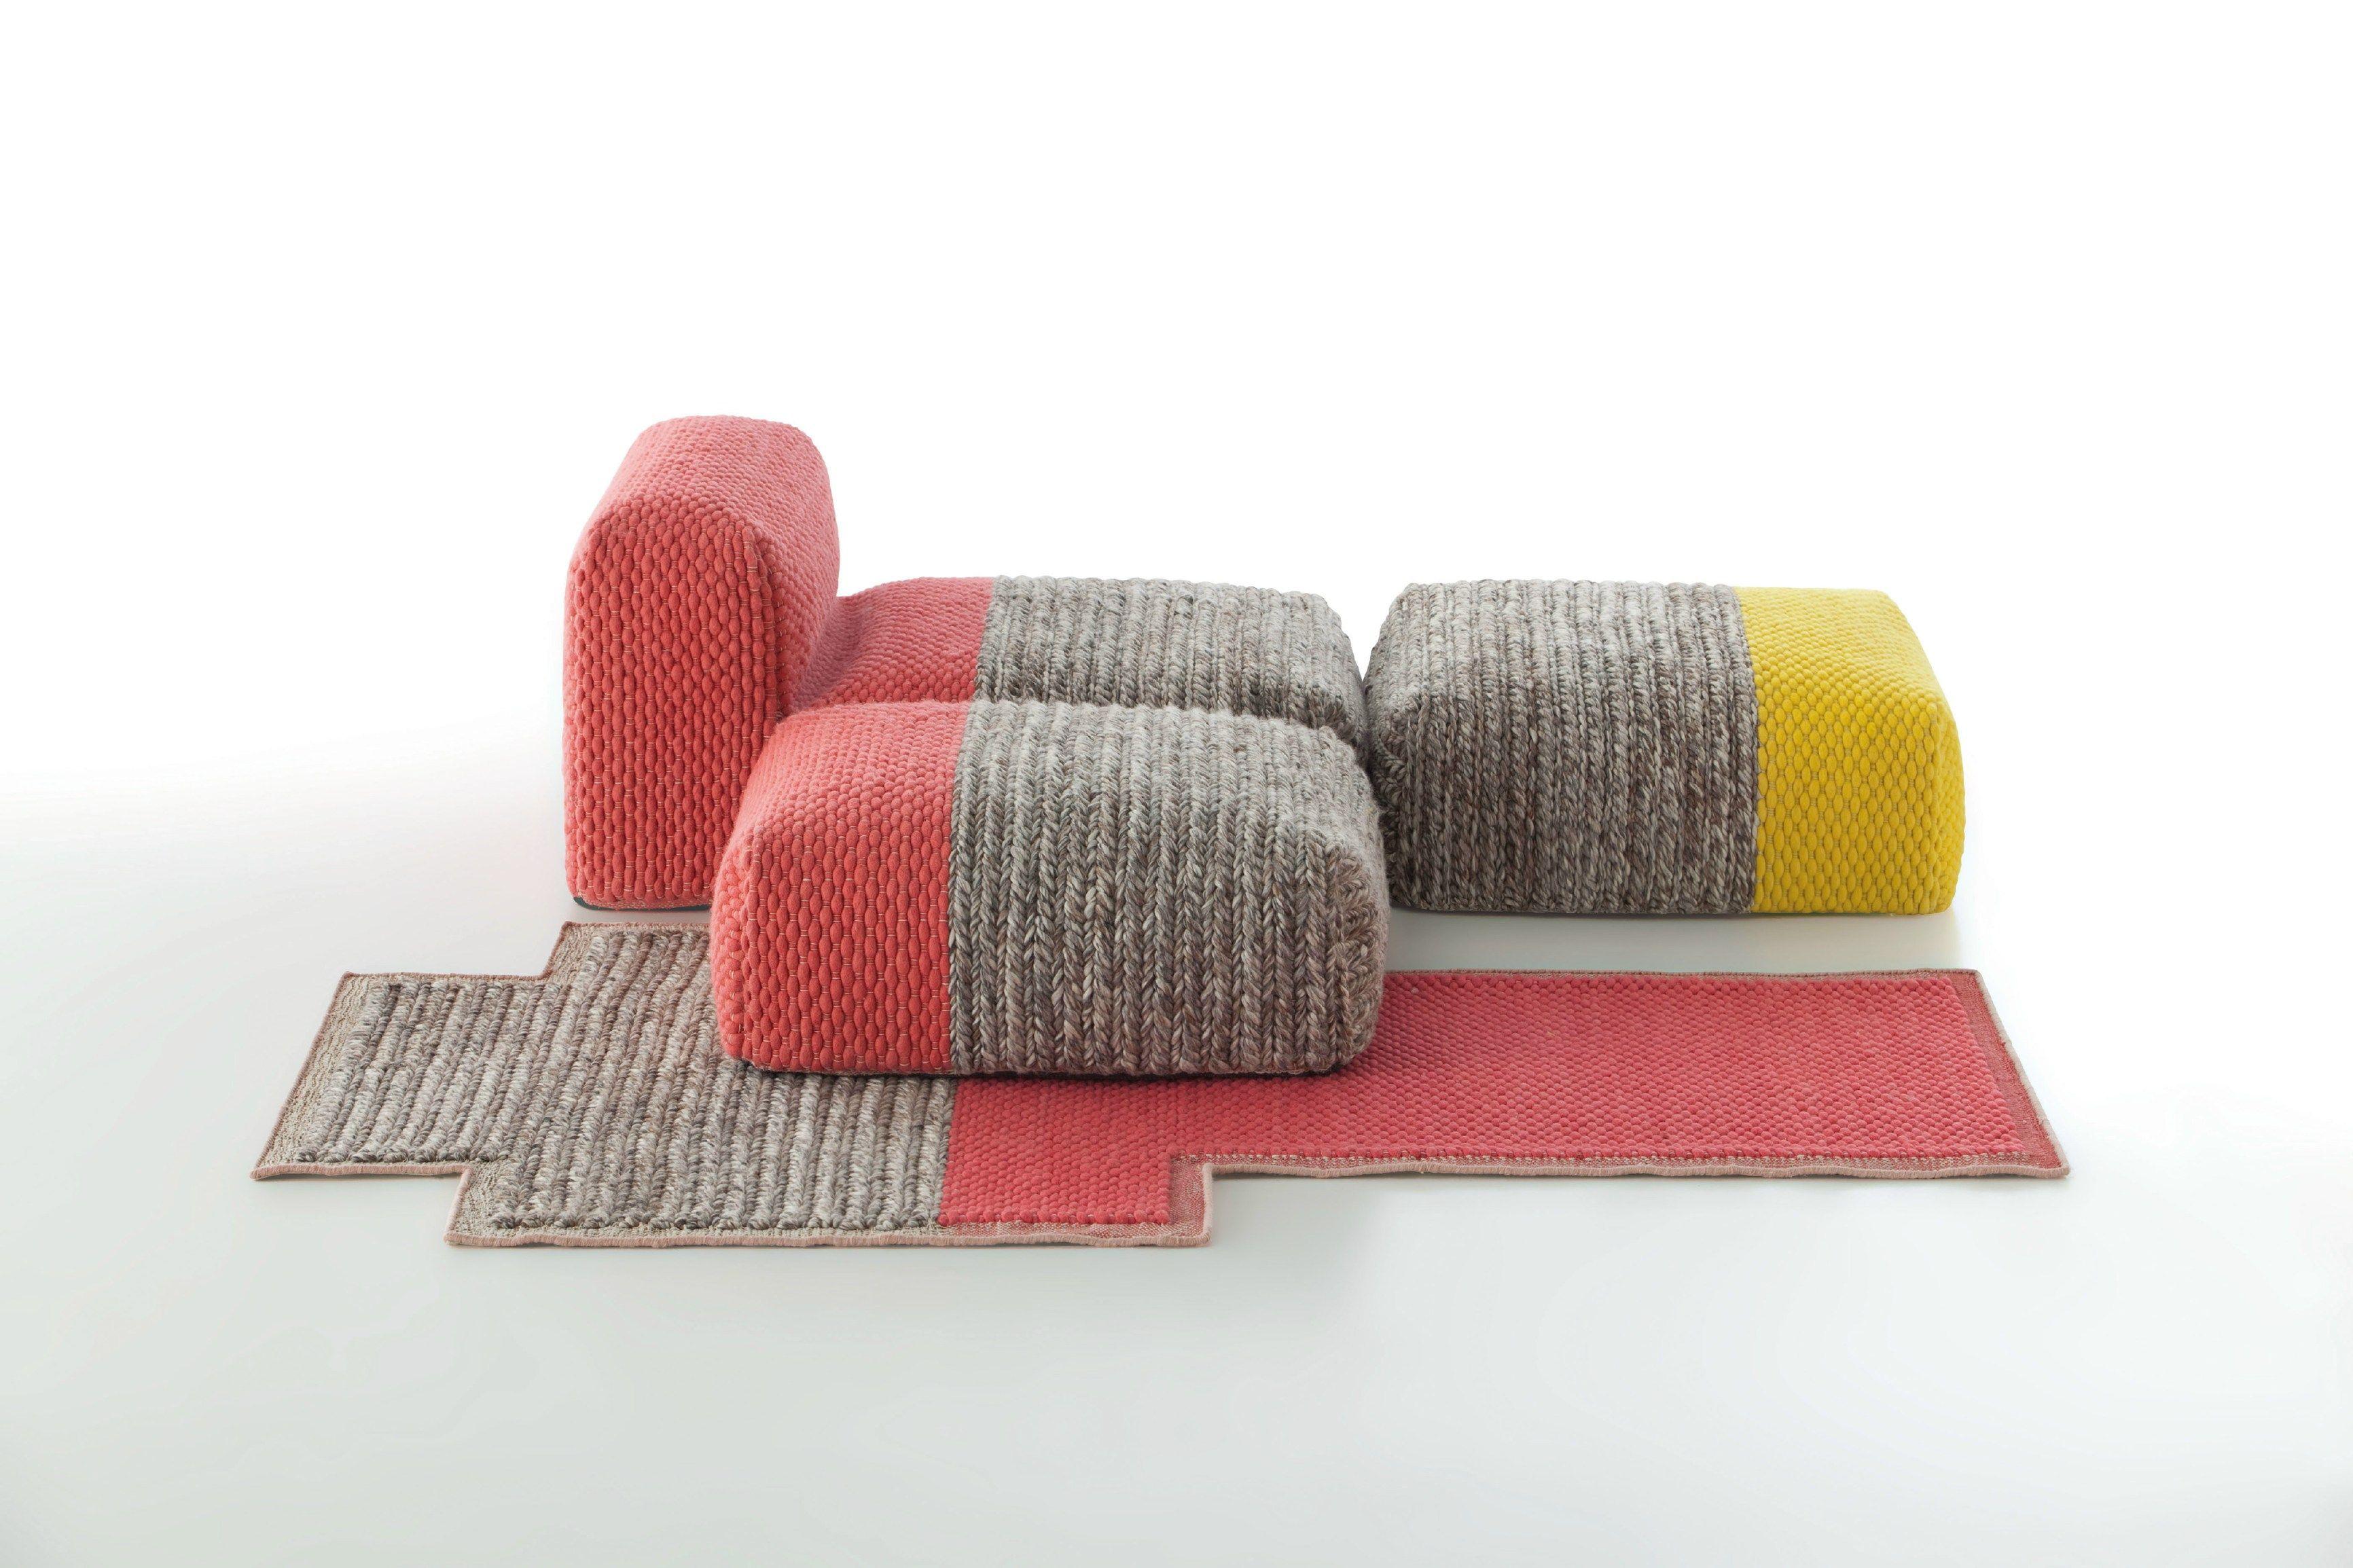 Colección Mangas: alfombras y puffs de Patricia Urquiola